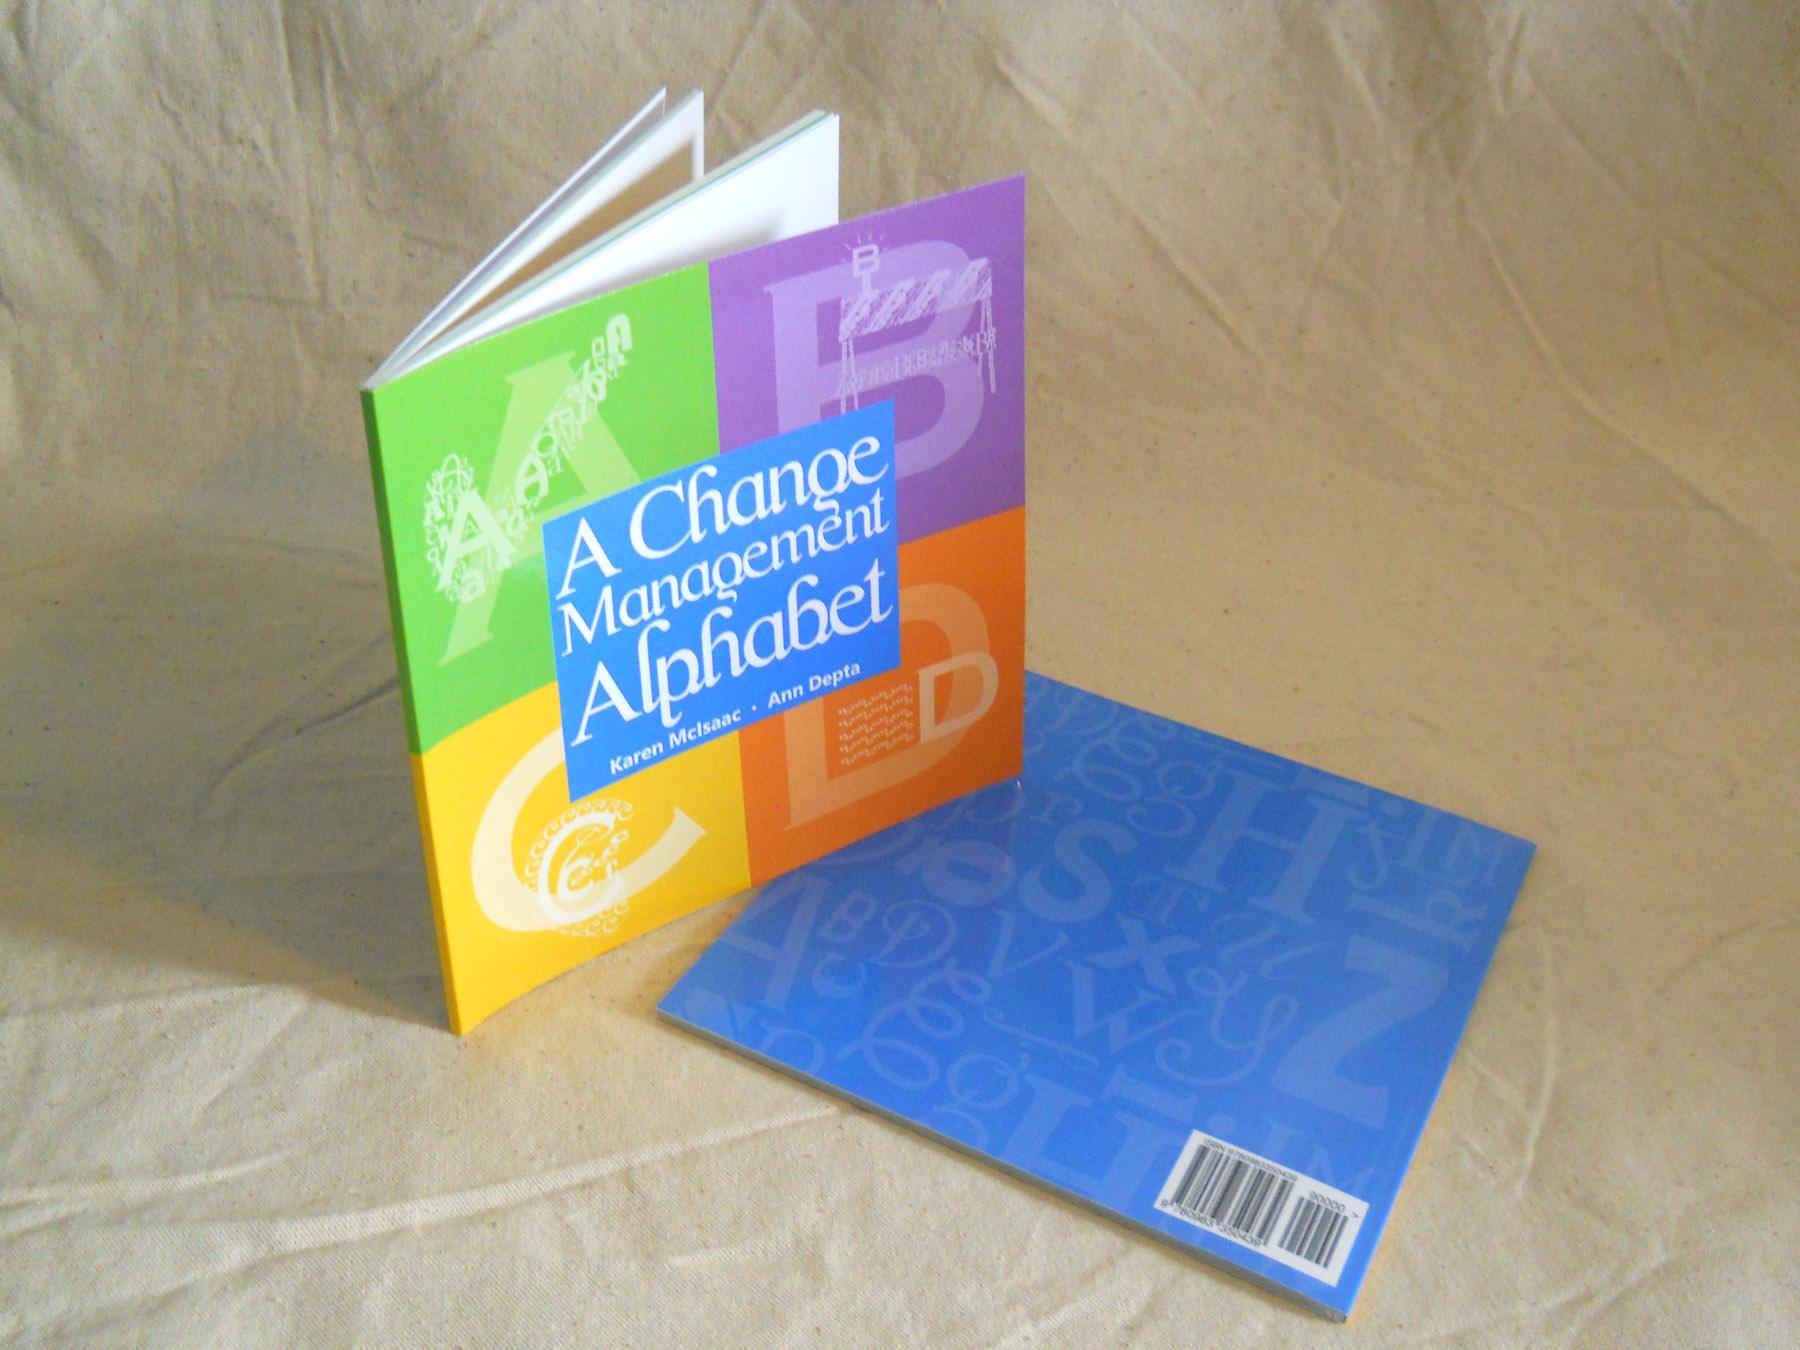 A Change Management Alphabet